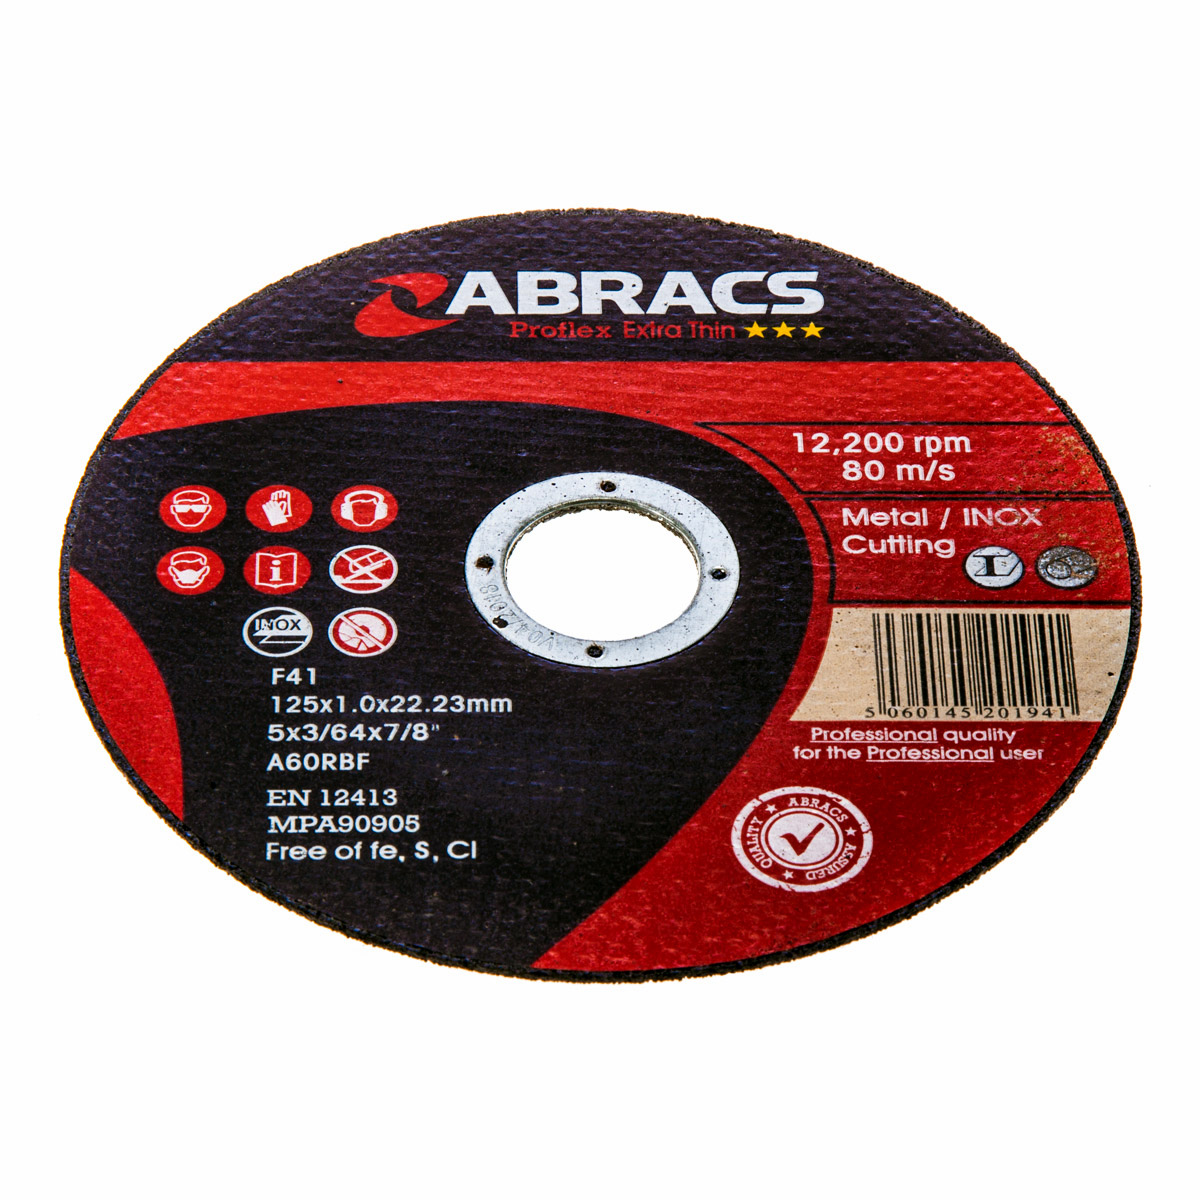 Abracs diskas metalo atpjovimui 125x1x22.23mm ProFlex Abracs